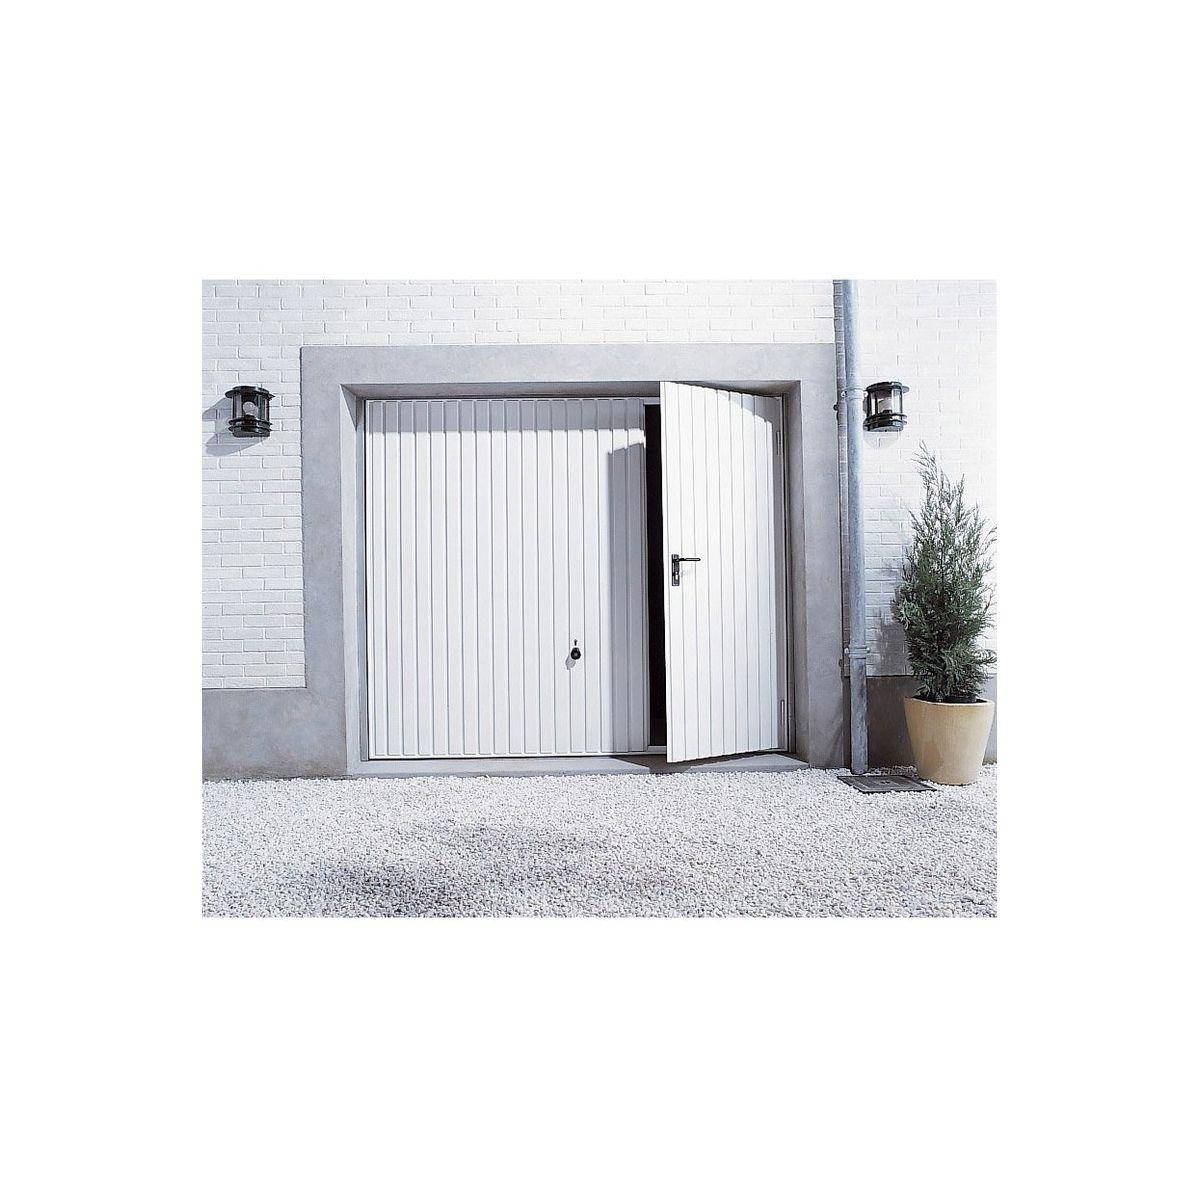 Comment Ventiler Un Garage Humide porte de garage basculante n80 motif 902 | kenzaï matériaux